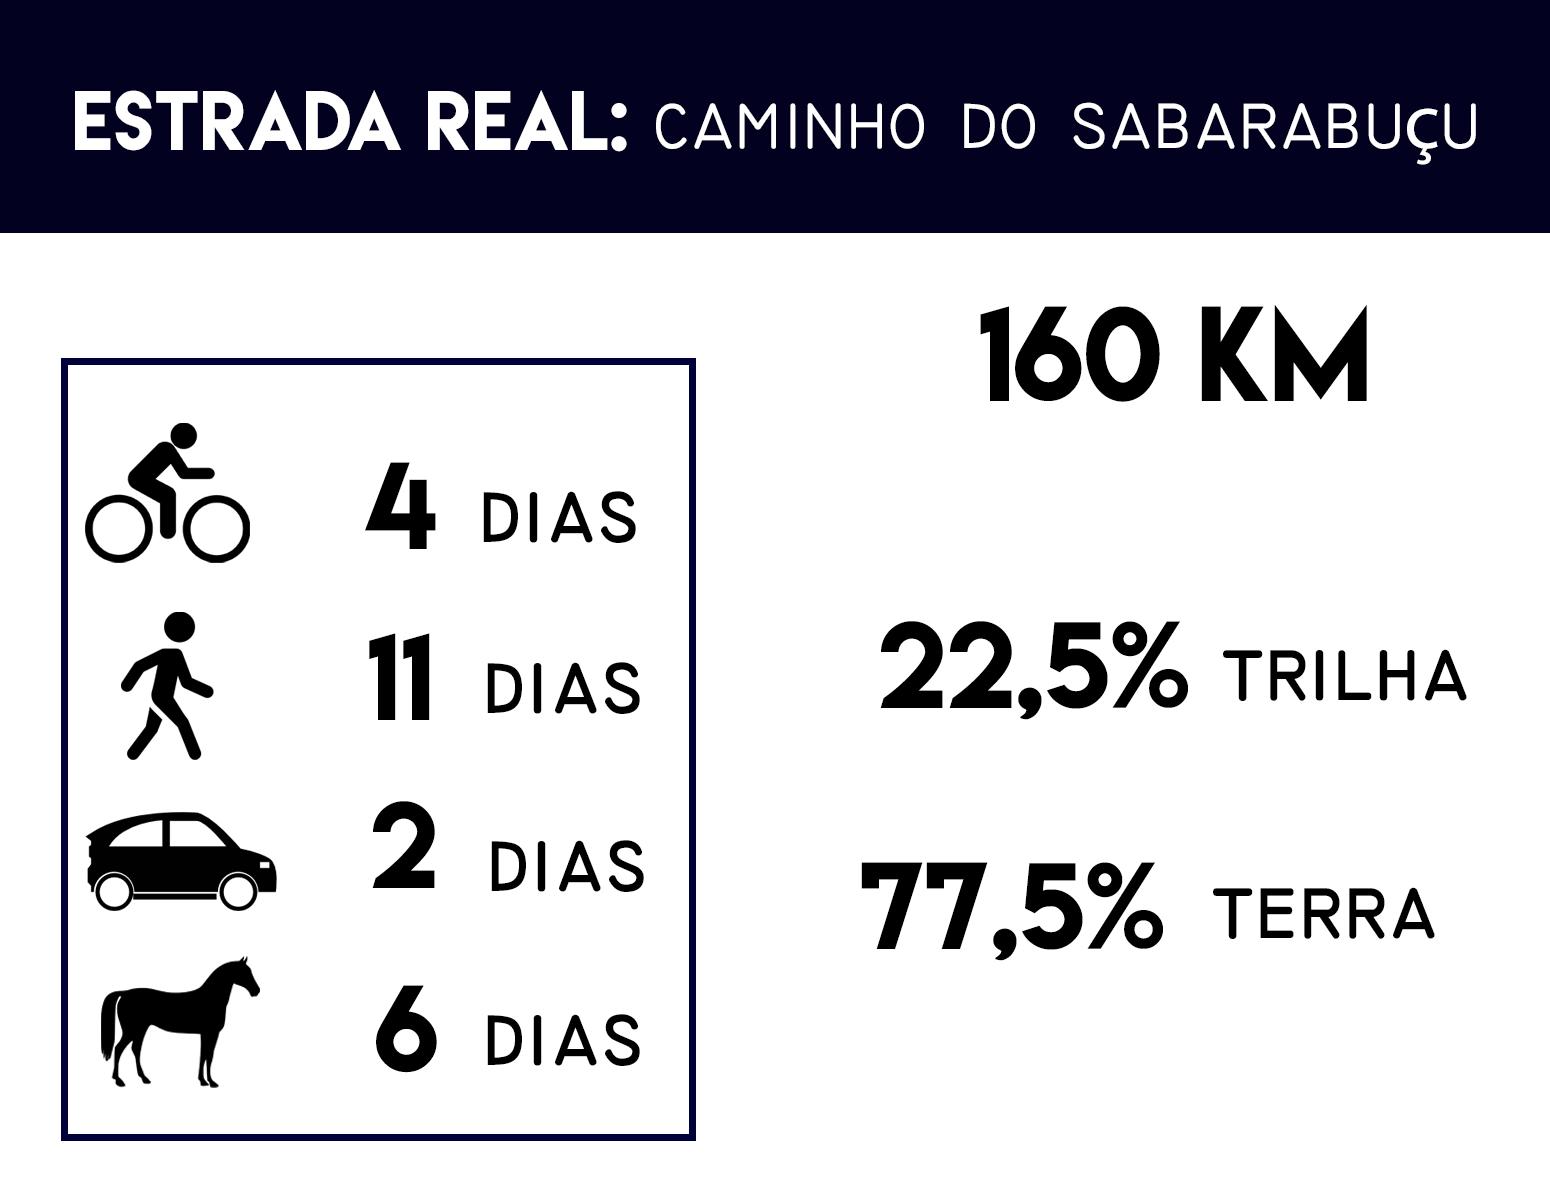 Caminho-do-Sabarabuçu Estrada Real: Por onde começar?